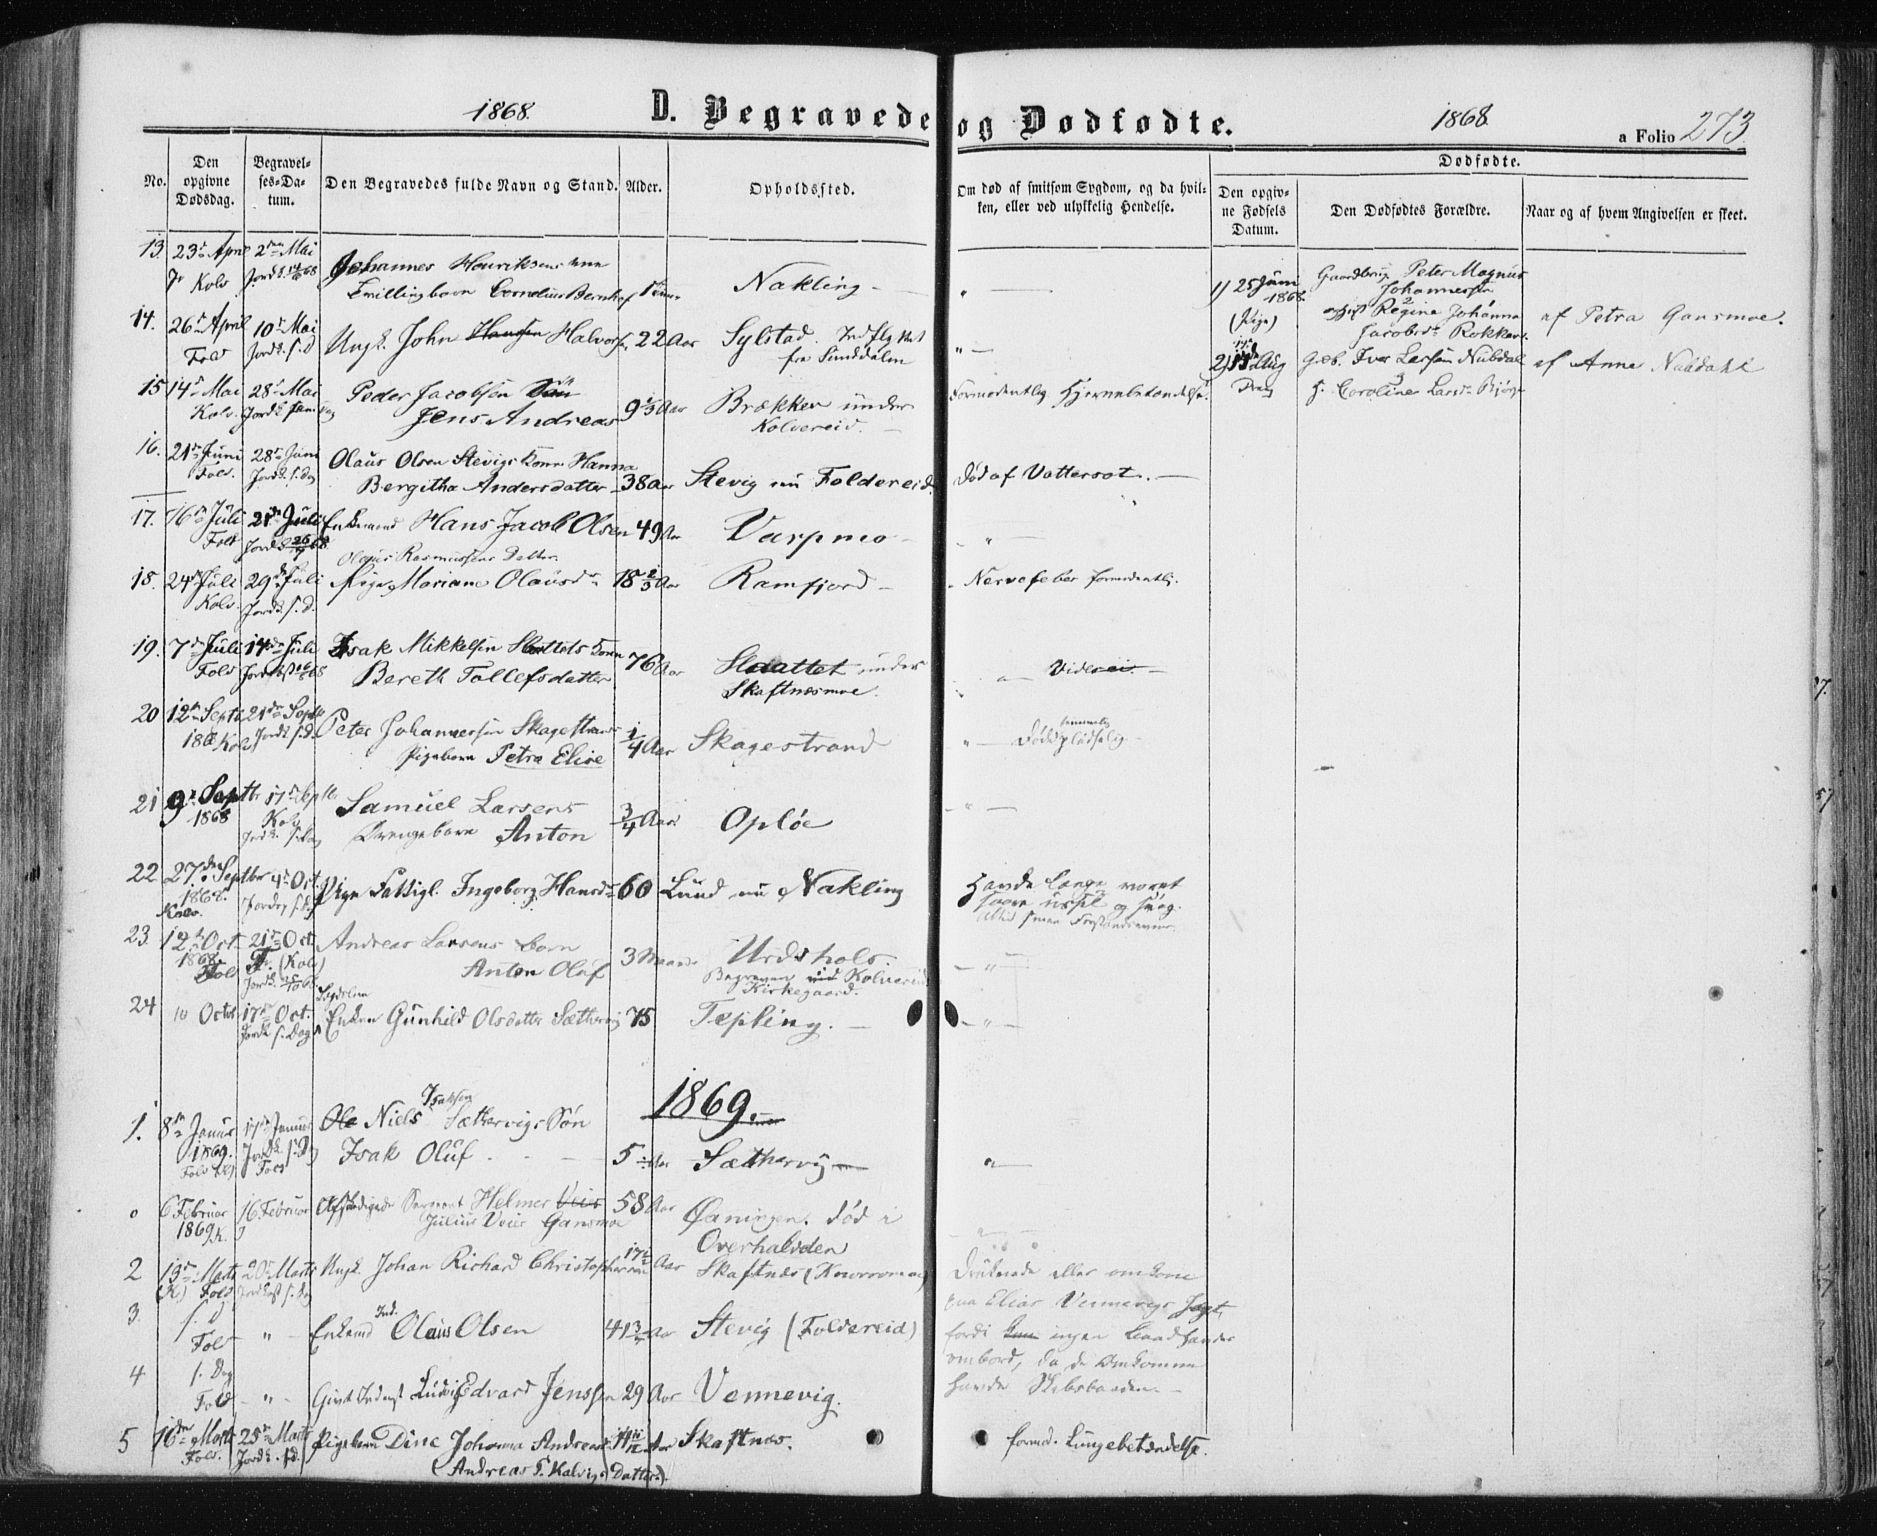 SAT, Ministerialprotokoller, klokkerbøker og fødselsregistre - Nord-Trøndelag, 780/L0641: Ministerialbok nr. 780A06, 1857-1874, s. 273